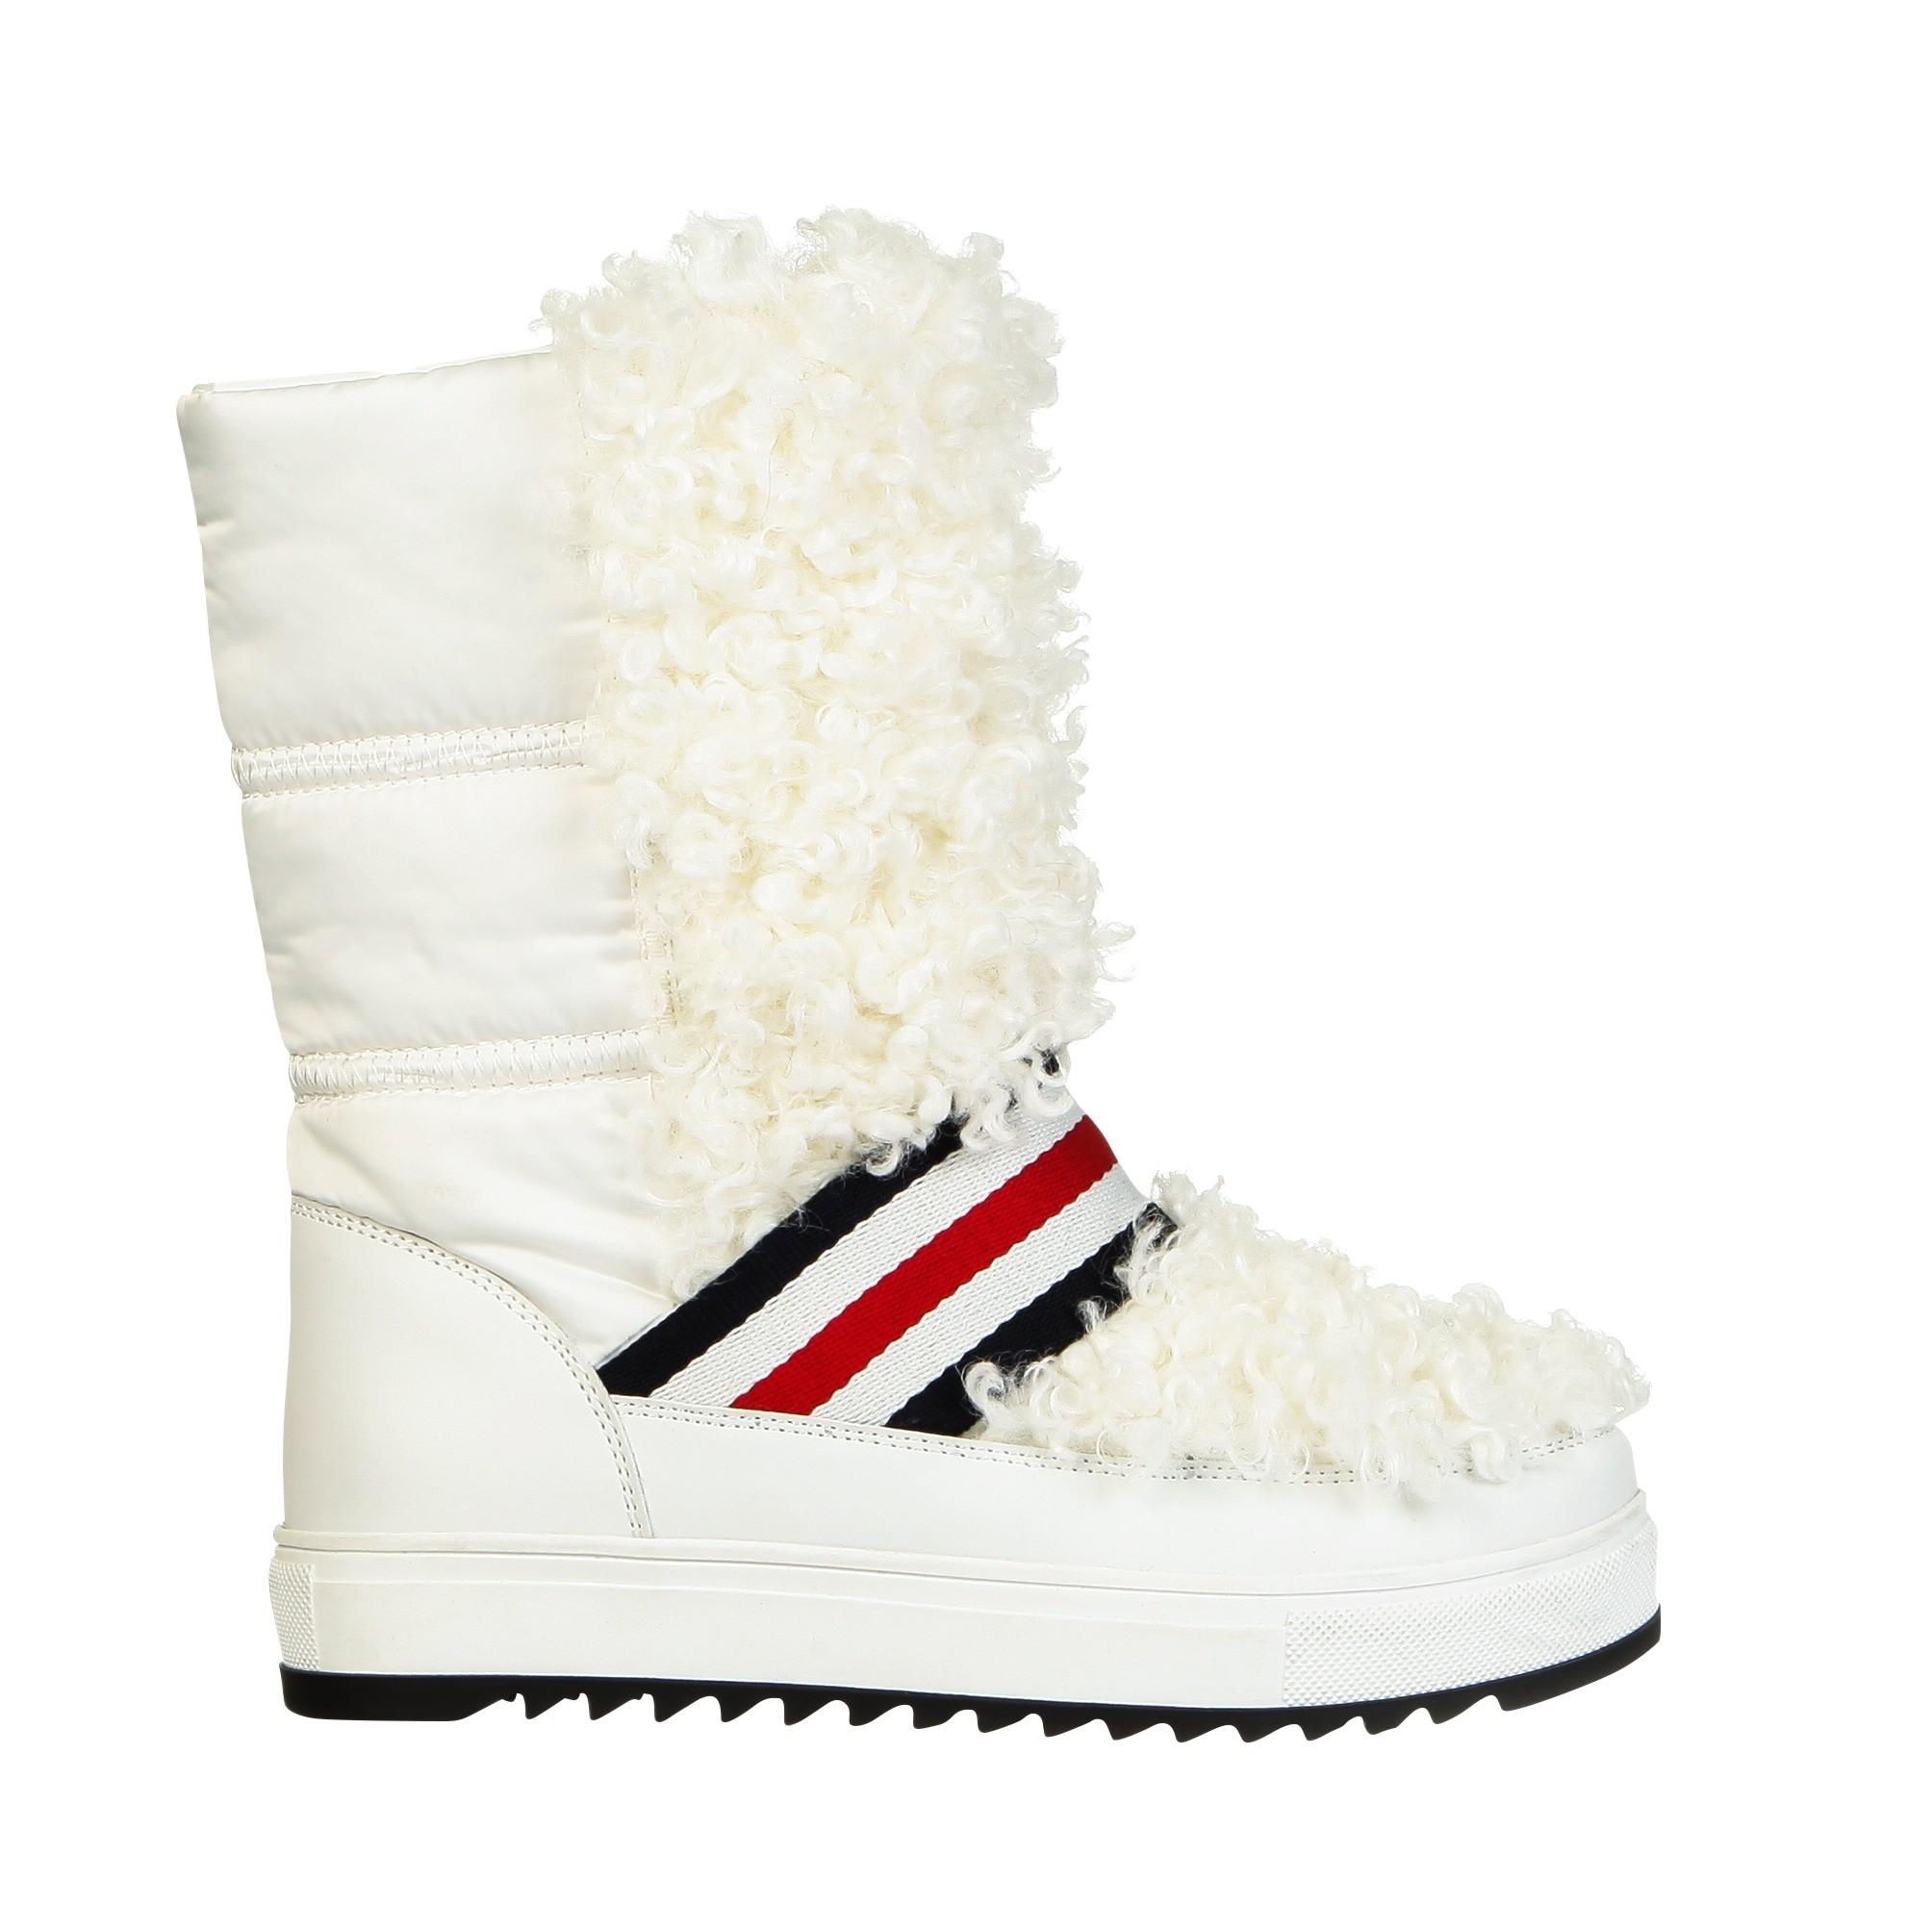 Сказочные мотивы в осенне-зимней коллекции обуви и аксессуаров TERVOLINA